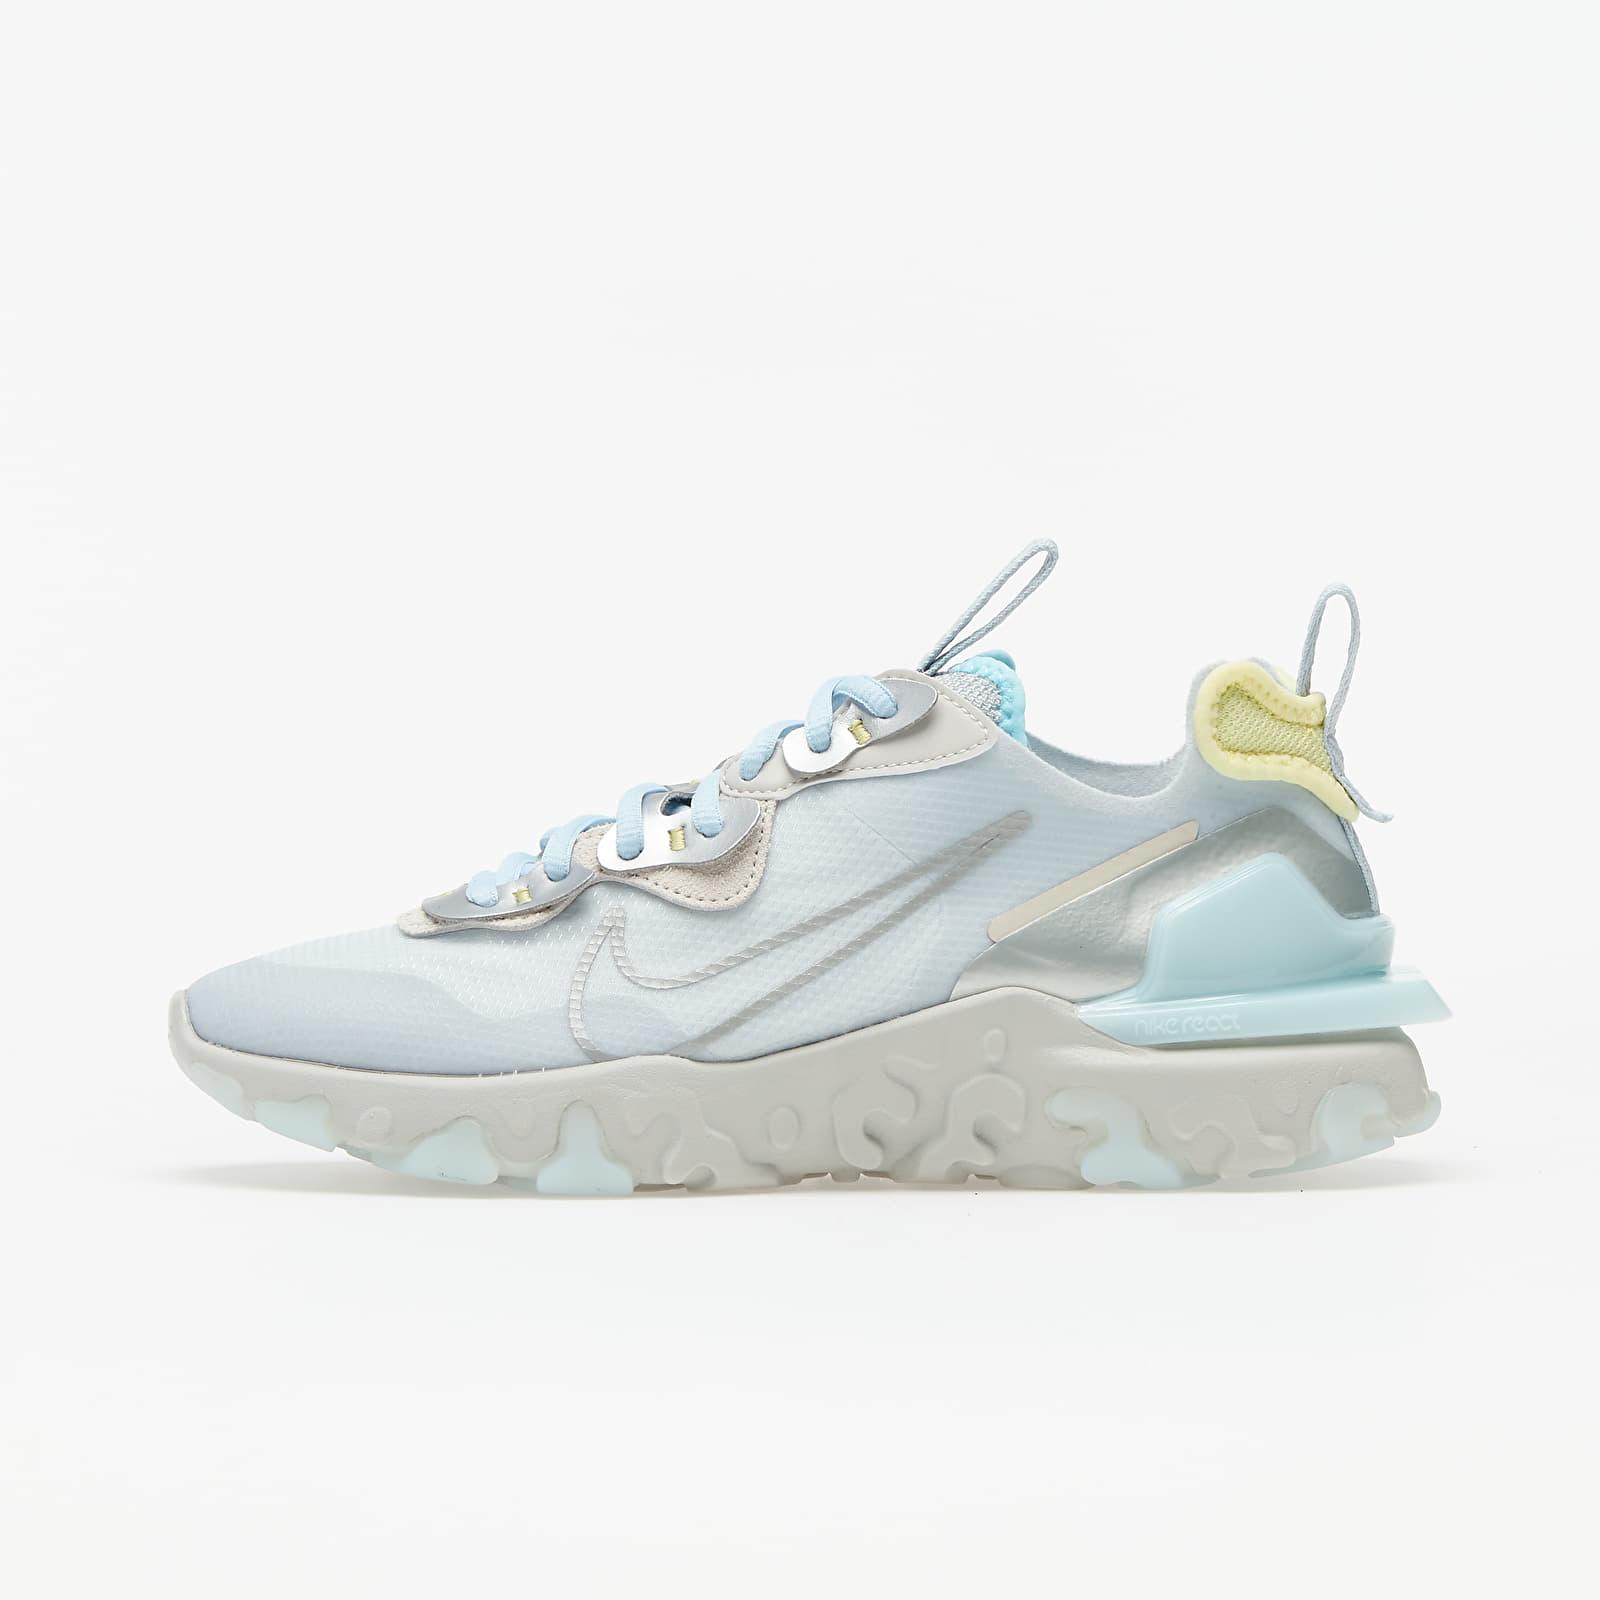 Dámske topánky a tenisky Nike Wmns React Vision Celestine Blue/ Mtlc Platinum